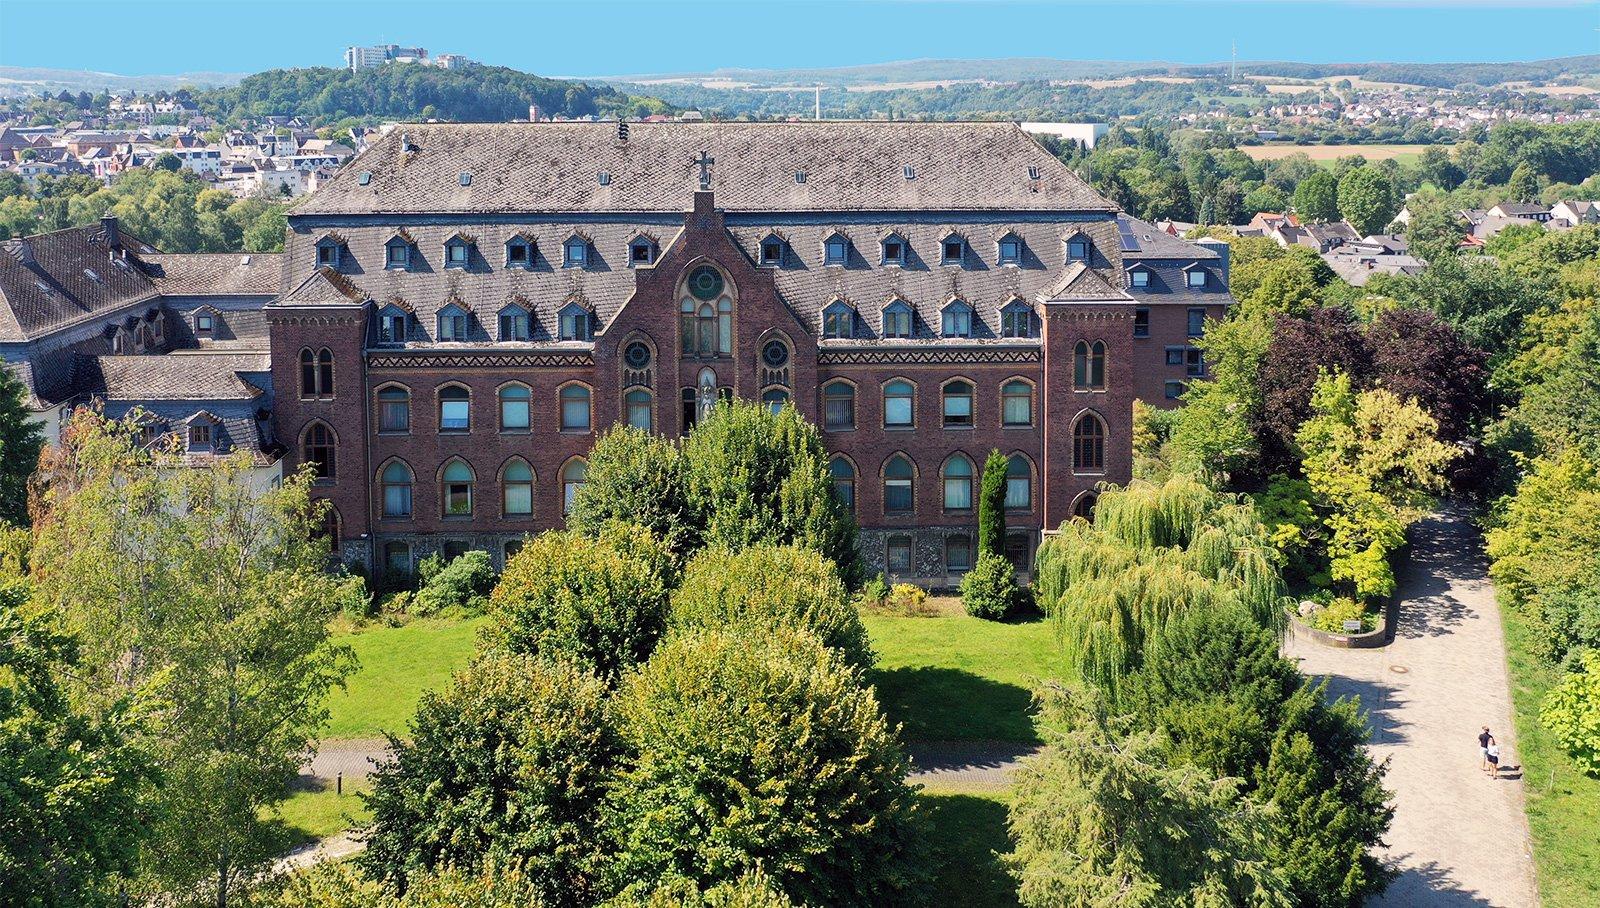 Kloster Marienborn Limburg